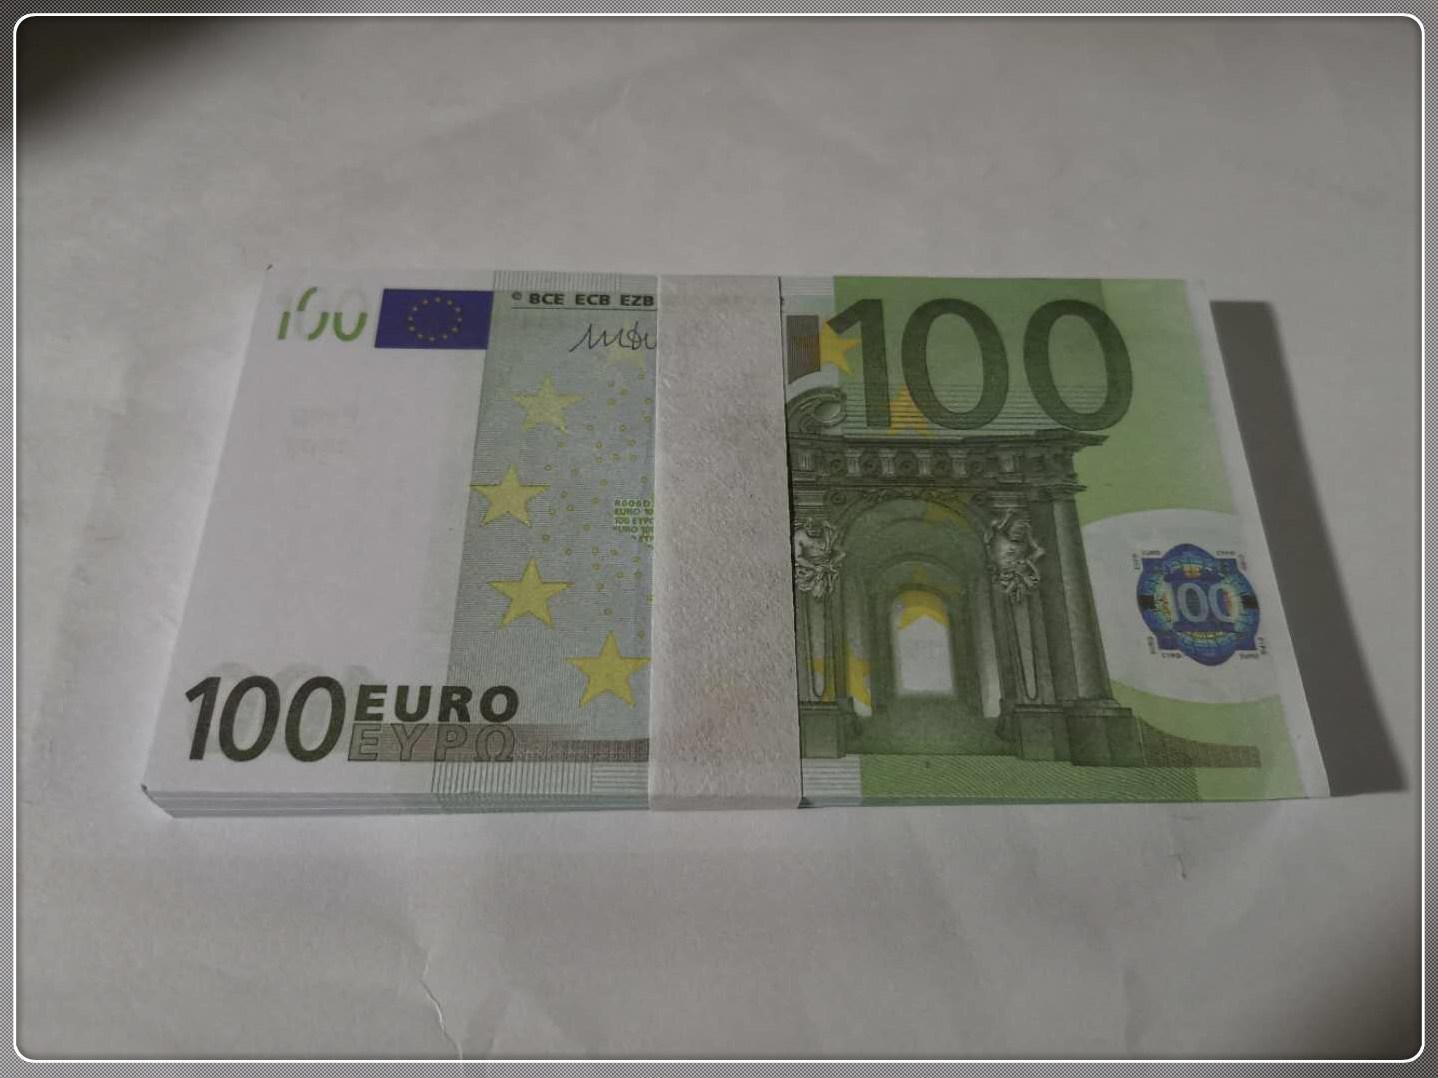 100 билетов NQXOP реквизит под контрафактный заготовка Magic Pired Le100-35 Faux евро детская бумага игрушка новых денег евро GVRNW